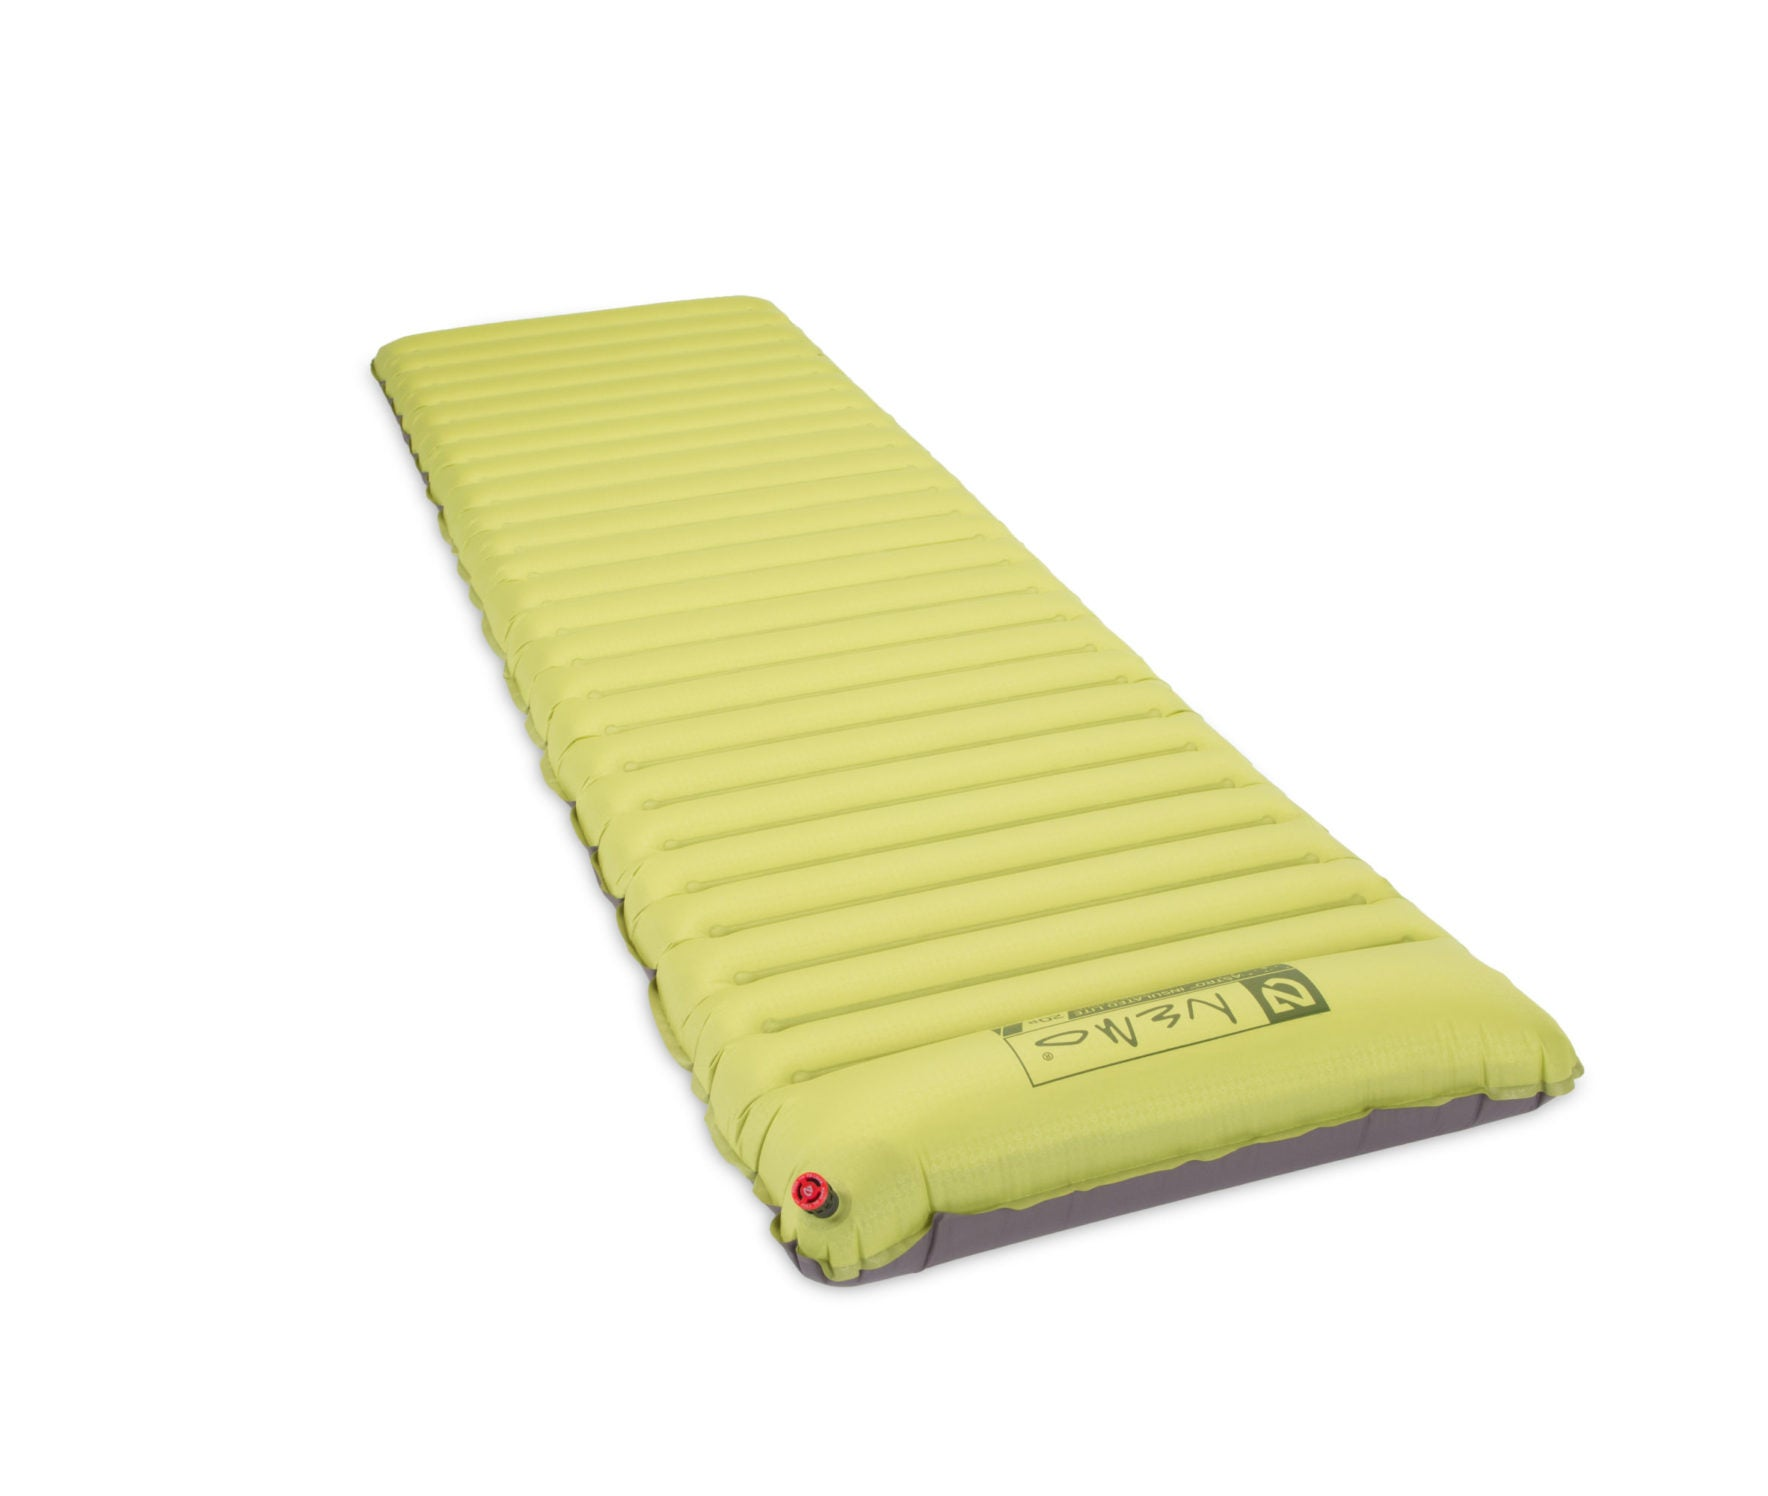 nemo sleeping pad for kayak camping